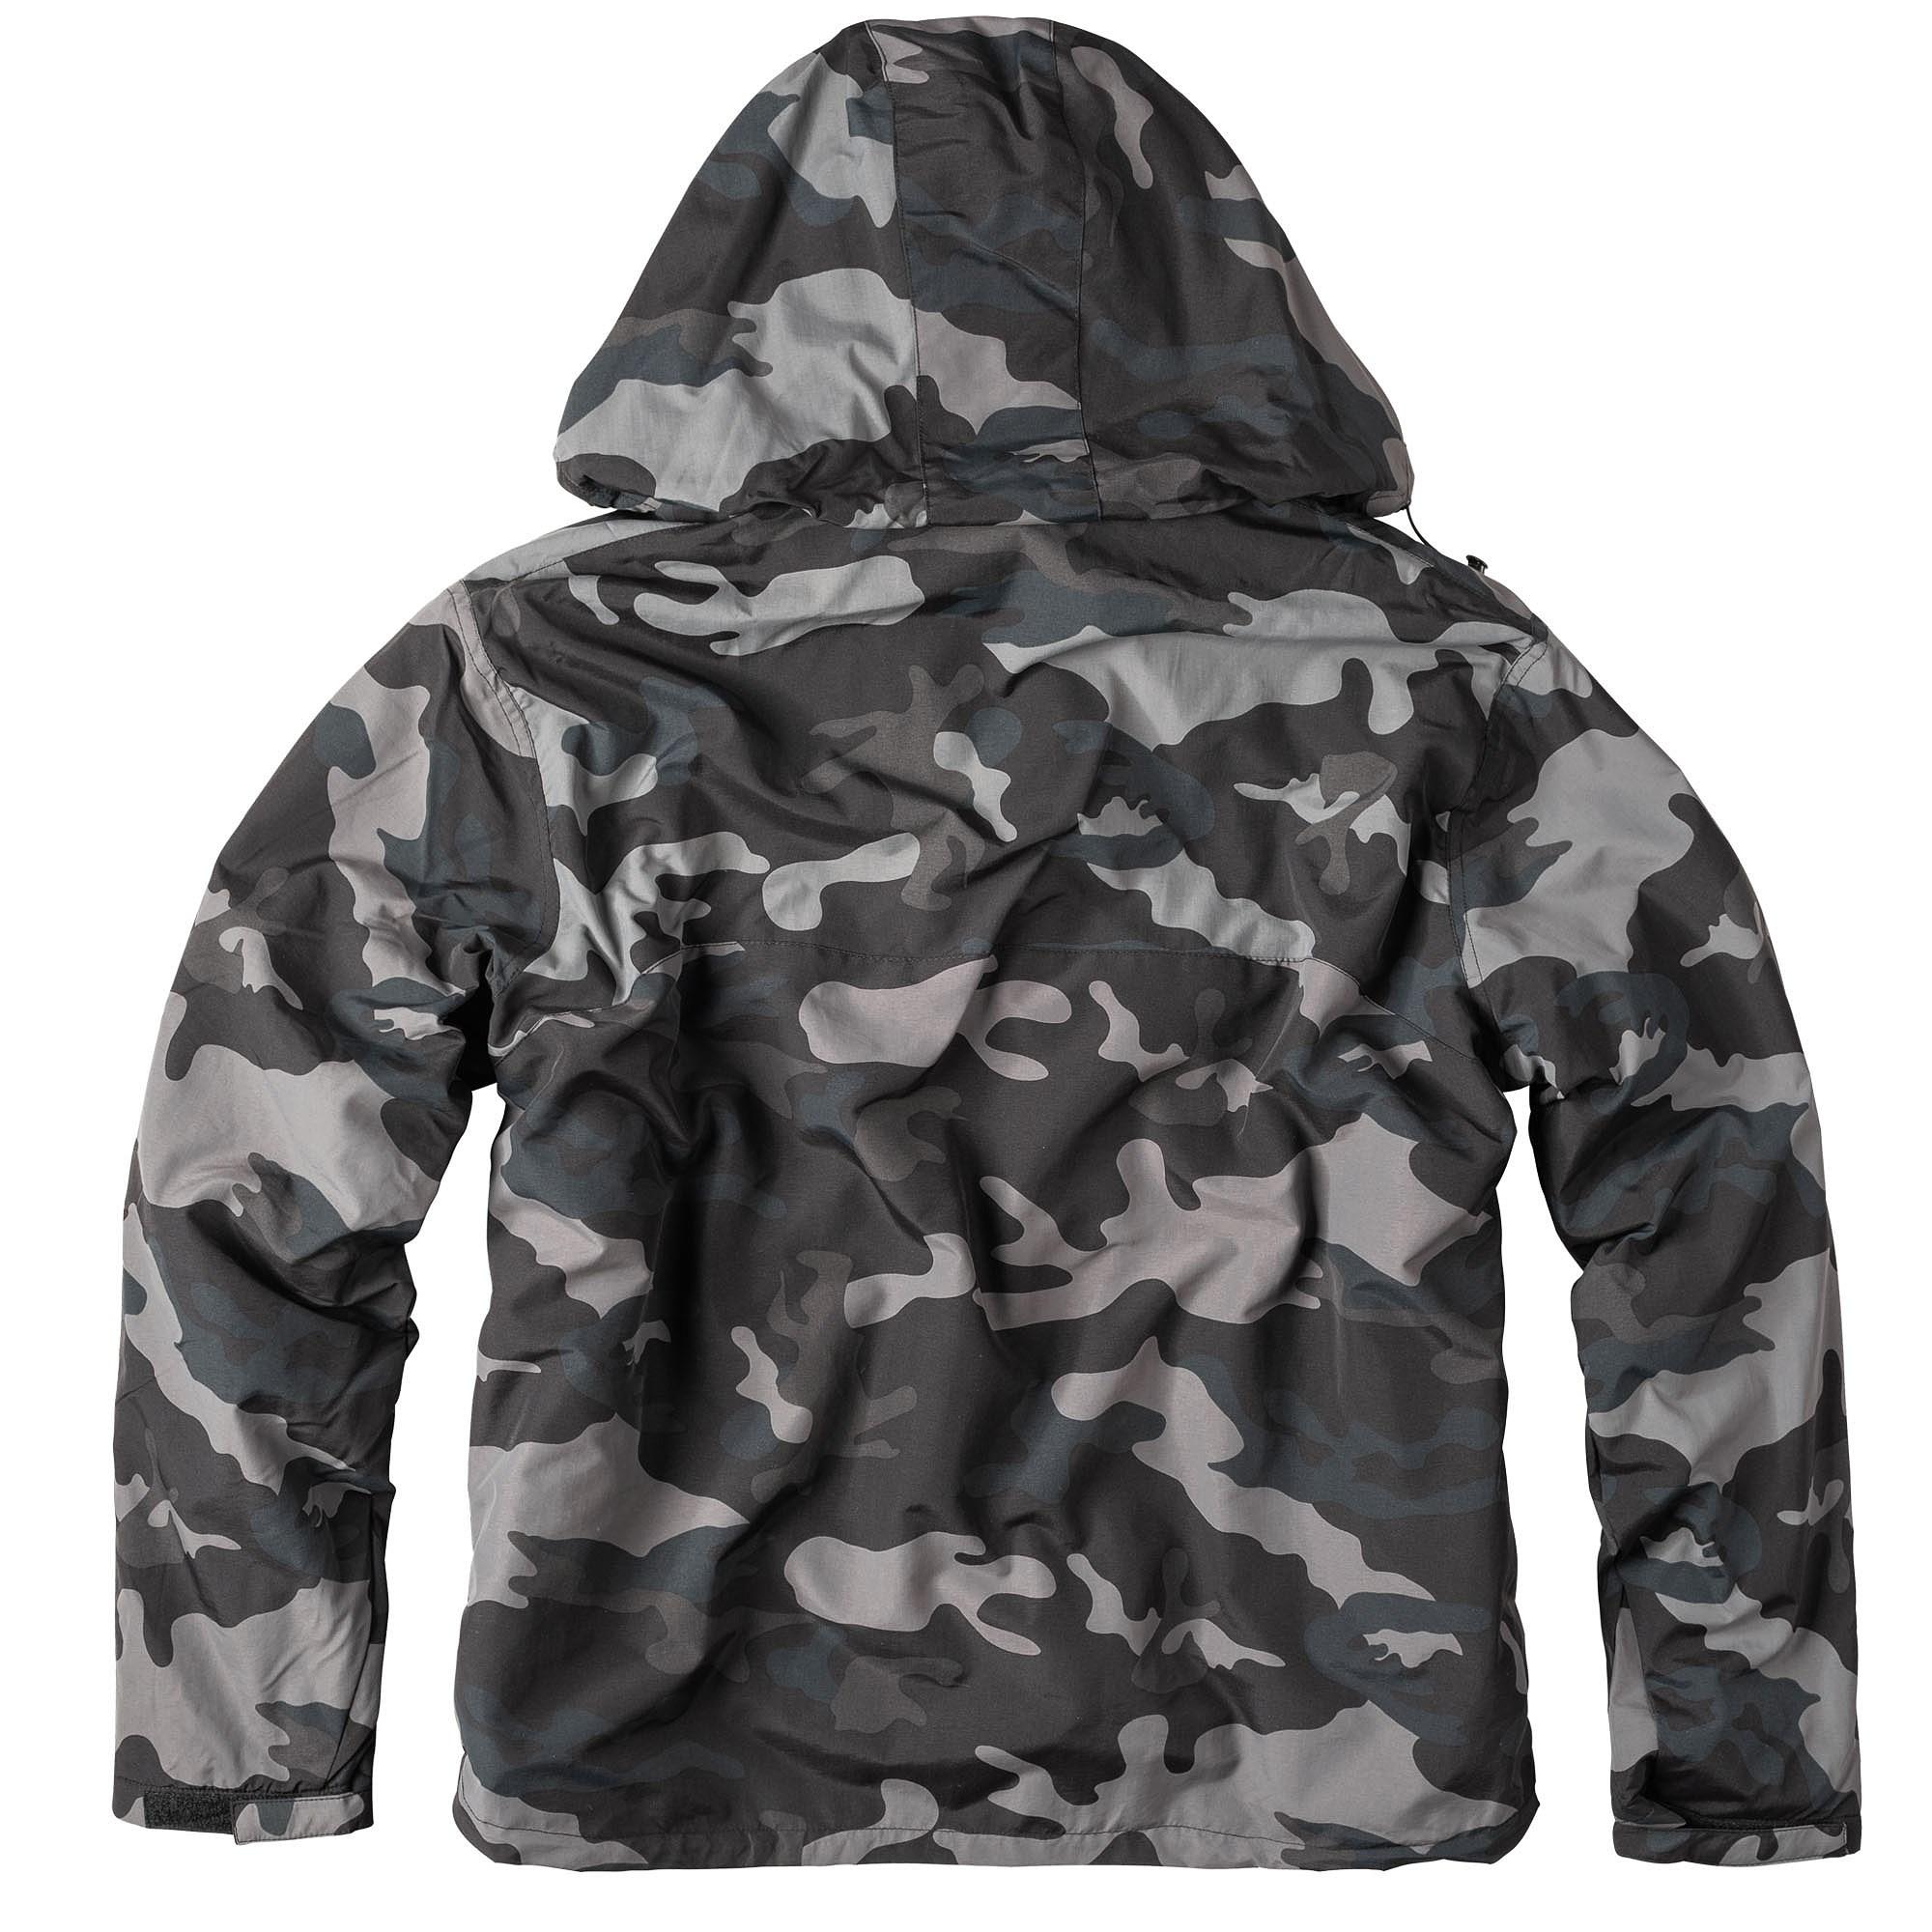 WINDBREAKER Jacket BLACK CAMO SURPLUS 20-7001-42 L-11